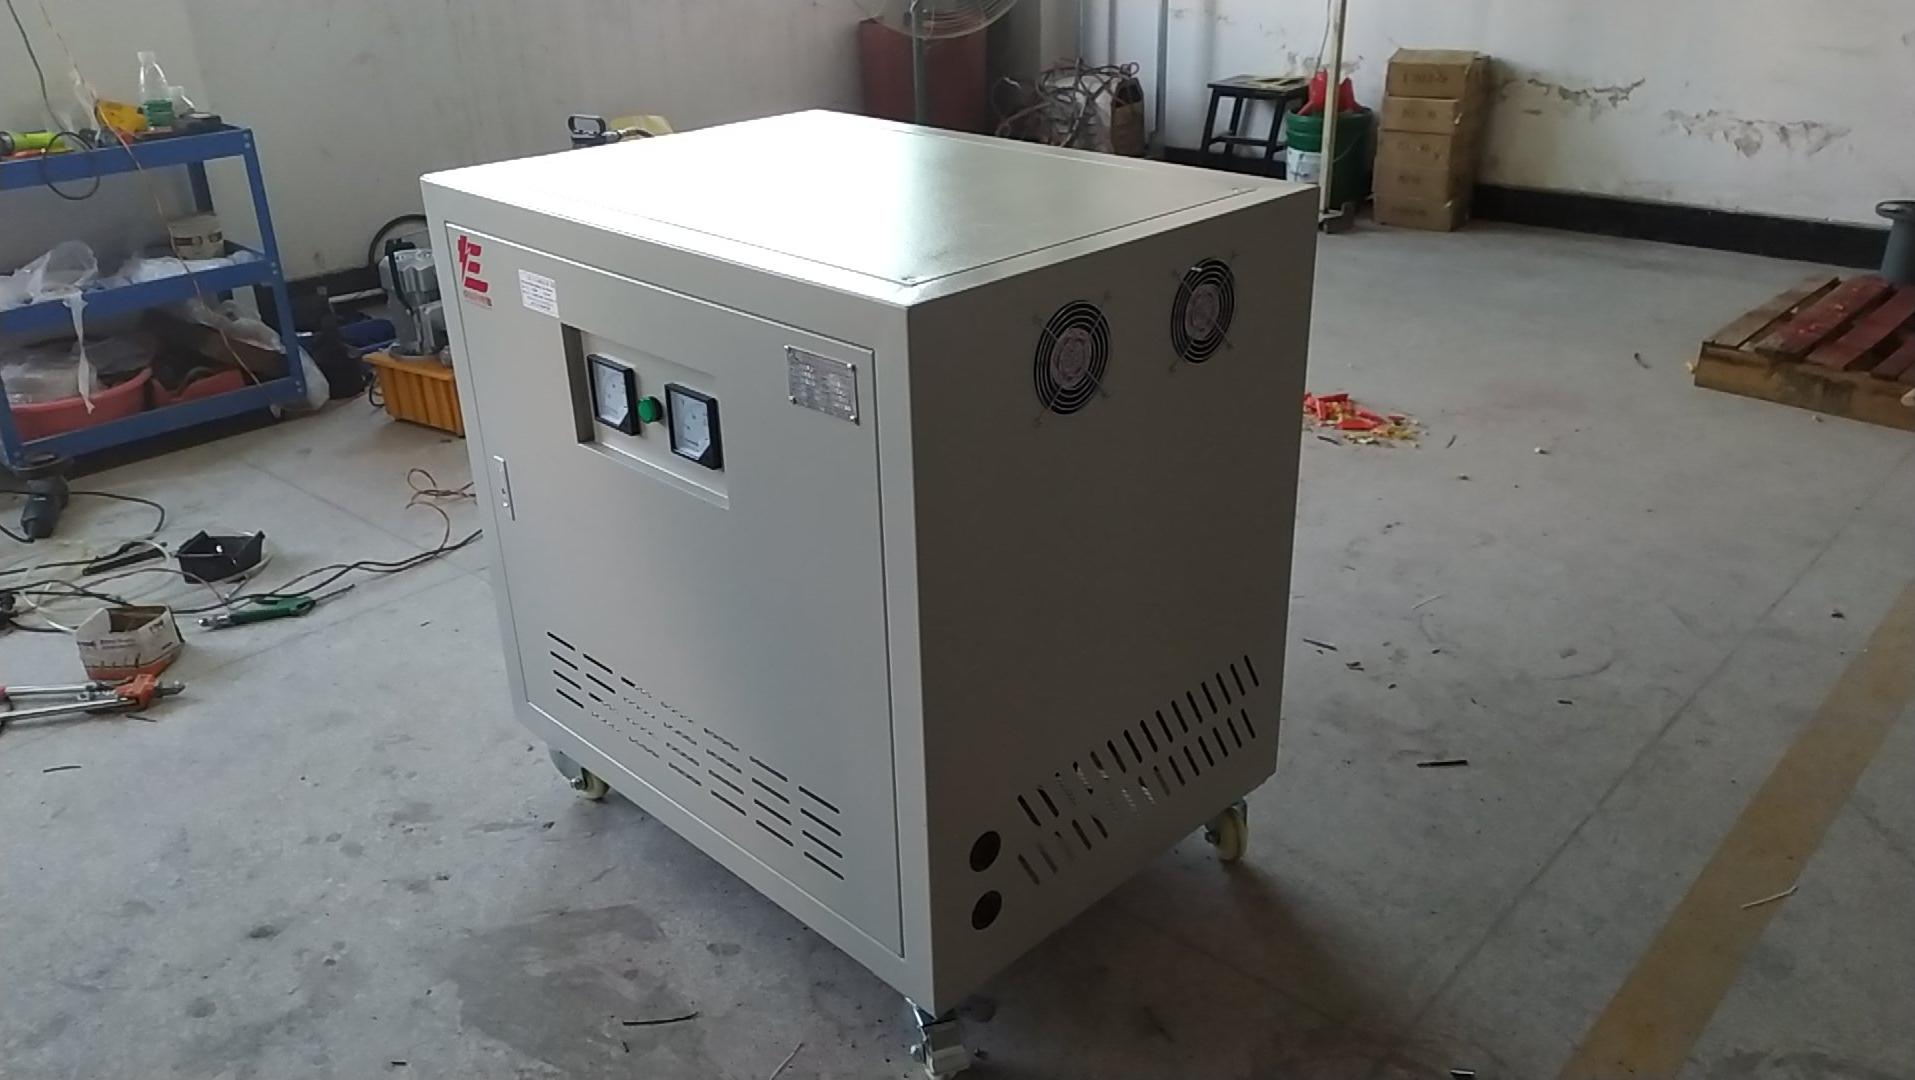 杭州400V變400V隔離變壓器電話 三相干式隔離變壓器 源頭廠家